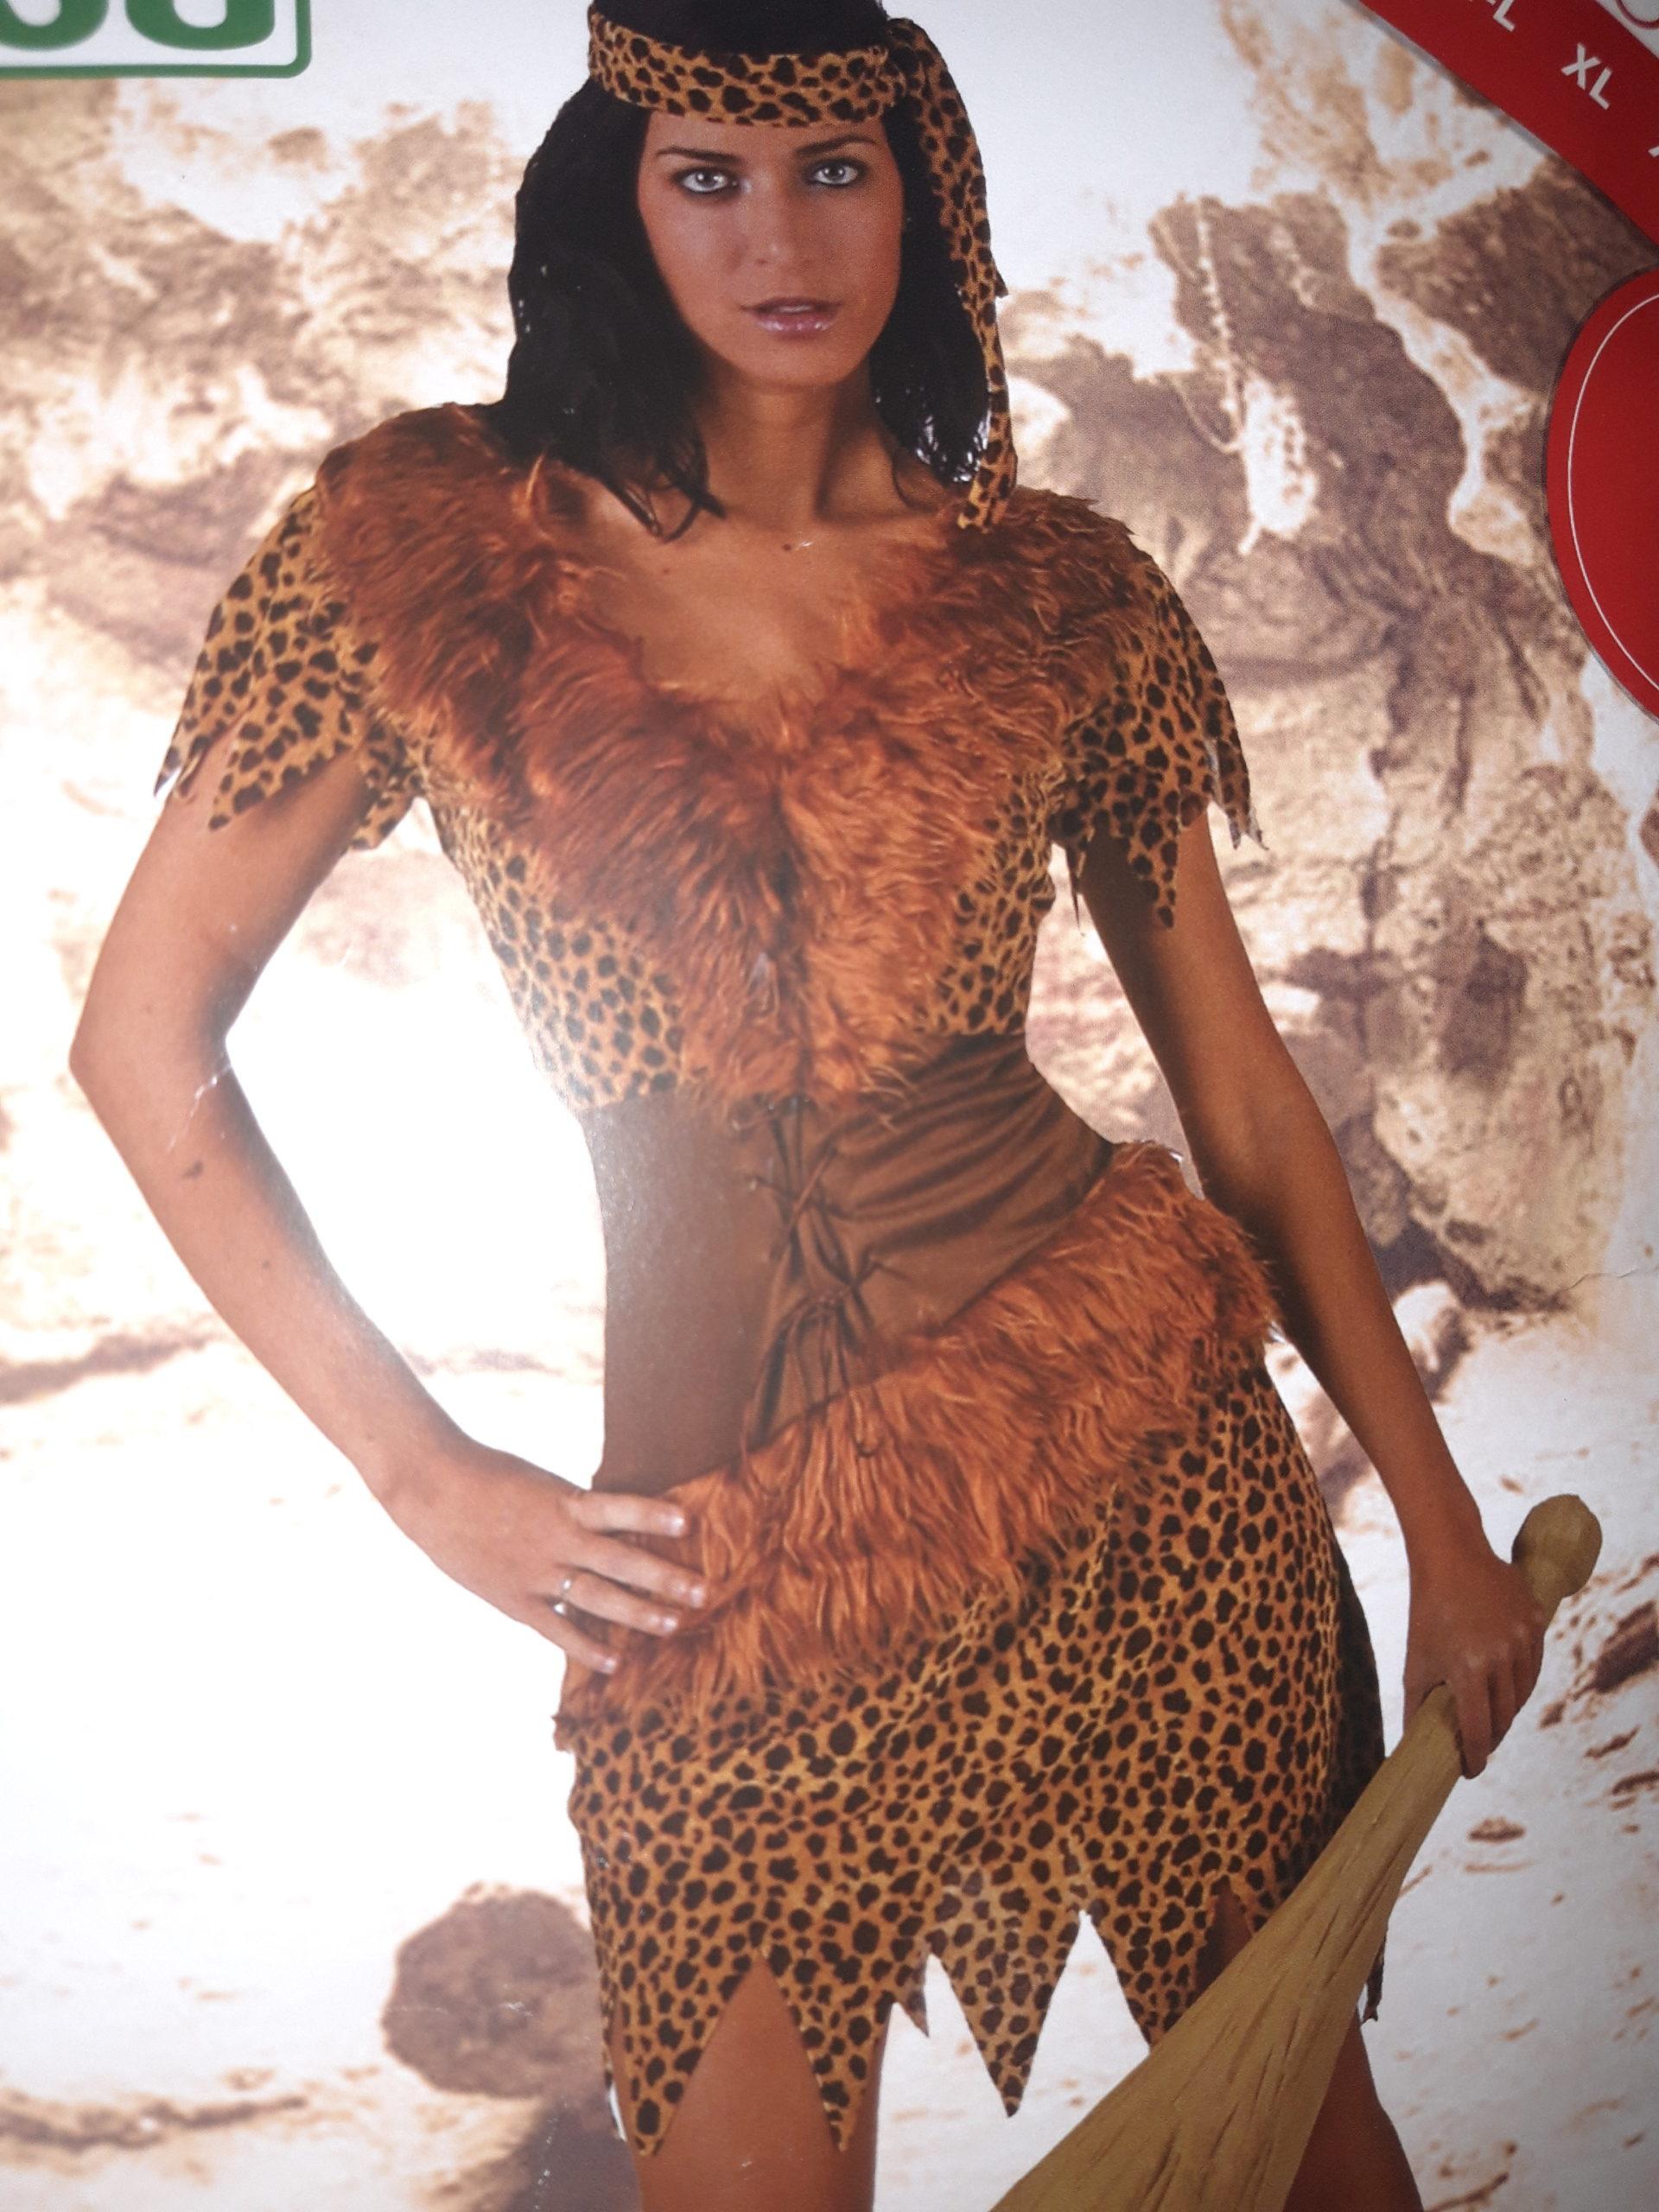 Femme des cavernes